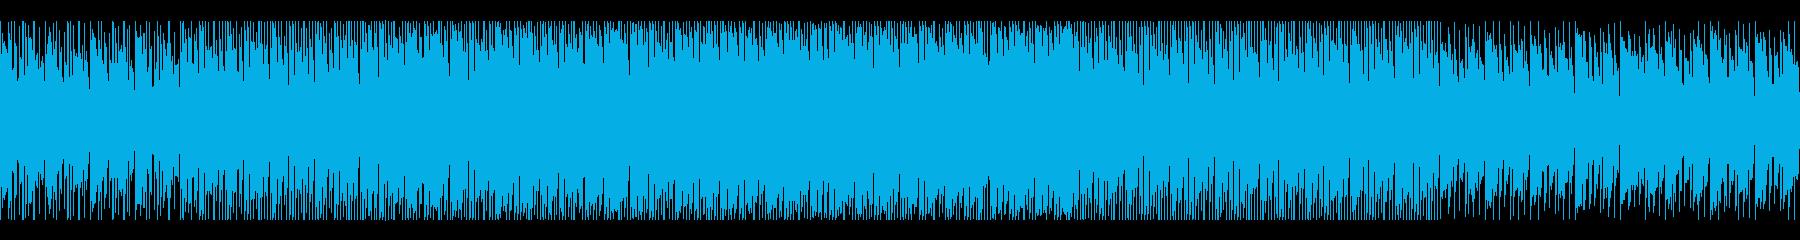 ダーク・SF・ミステリアスなヒップホップの再生済みの波形